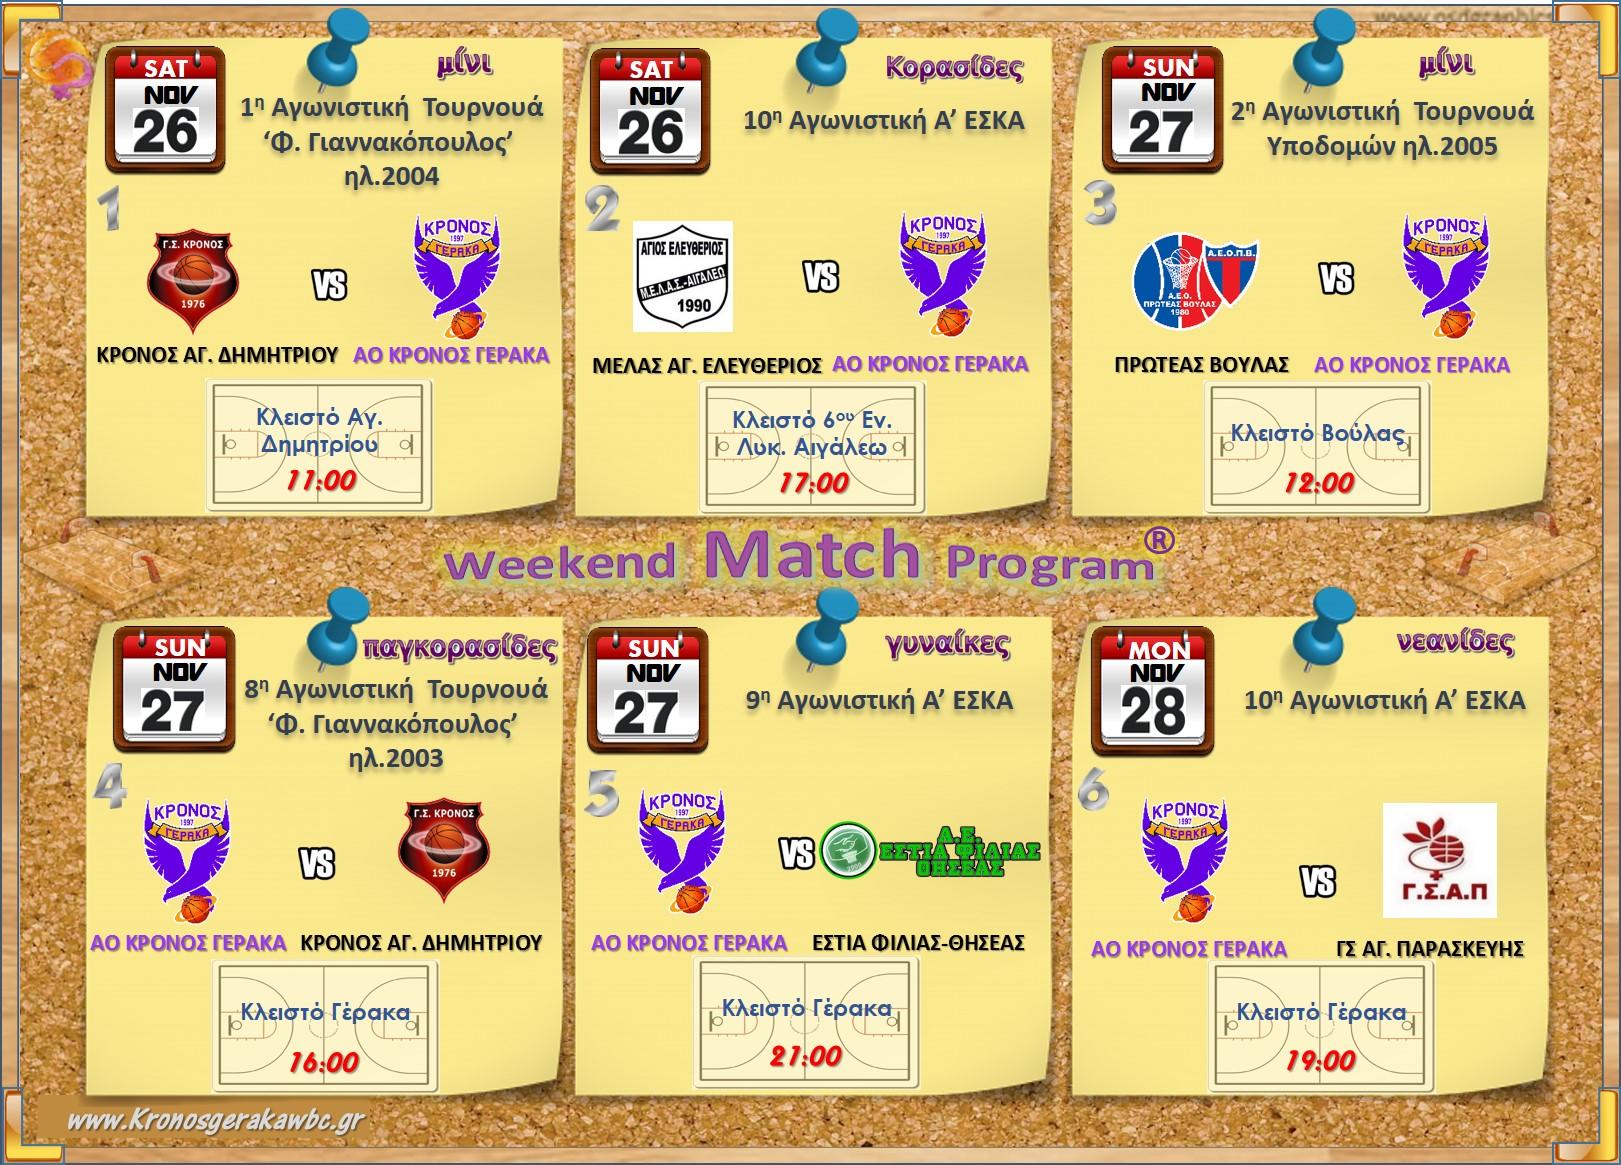 Πρόγραμμα Αγώνων Εβδομάδας 26-28.11.2016